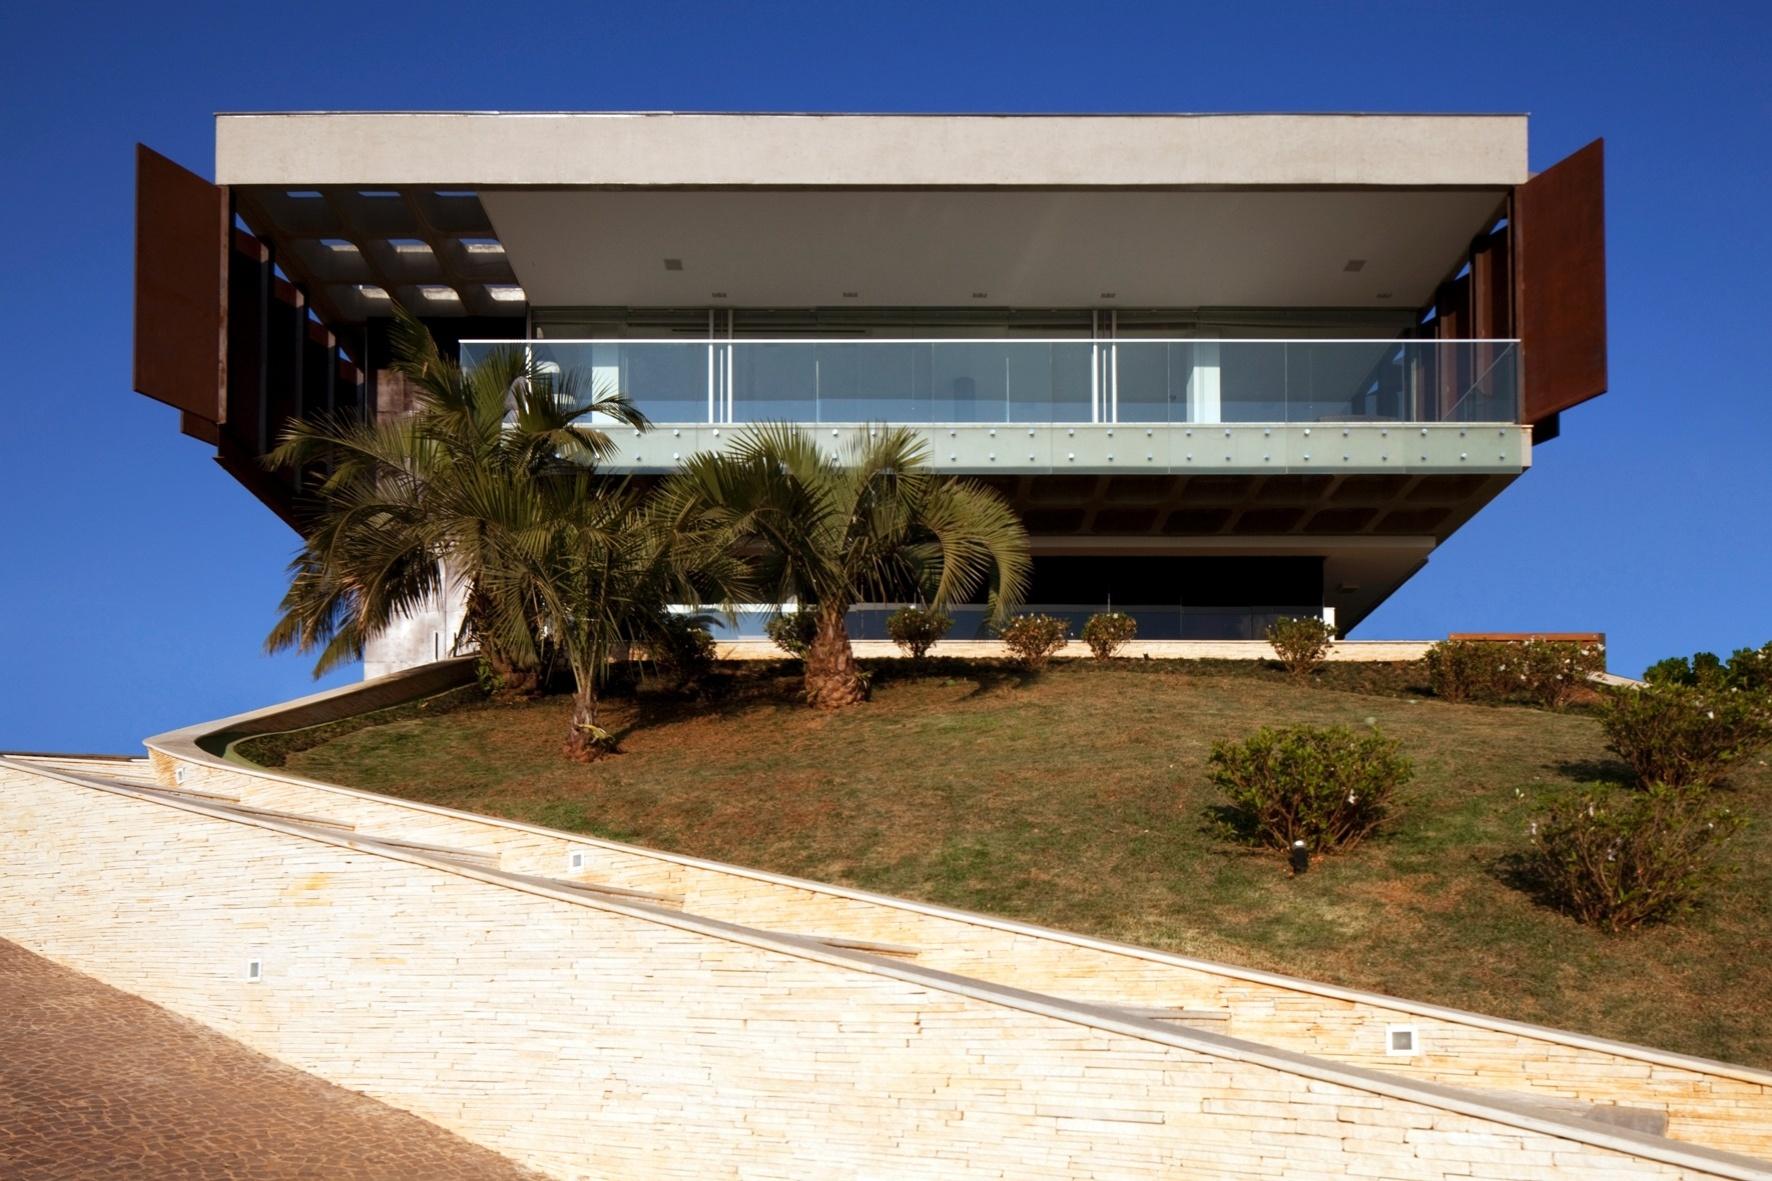 A comprida escada de pedra dá acesso à casa NB, no topo de uma colina, em Nova Lima (MG). Em frente à construção, um jardim  - com paisagismo de Felipe Fontes - reúne palmeiras baixas e pequenos arbustos distribuídos esparsamente. Na fachada frontal, uma varanda ampla abrange a totalidade da largura e é limitada por um guarda-corpo de vidro. O projeto é do escritório Arquitetos Associados, de Belo Horizonte